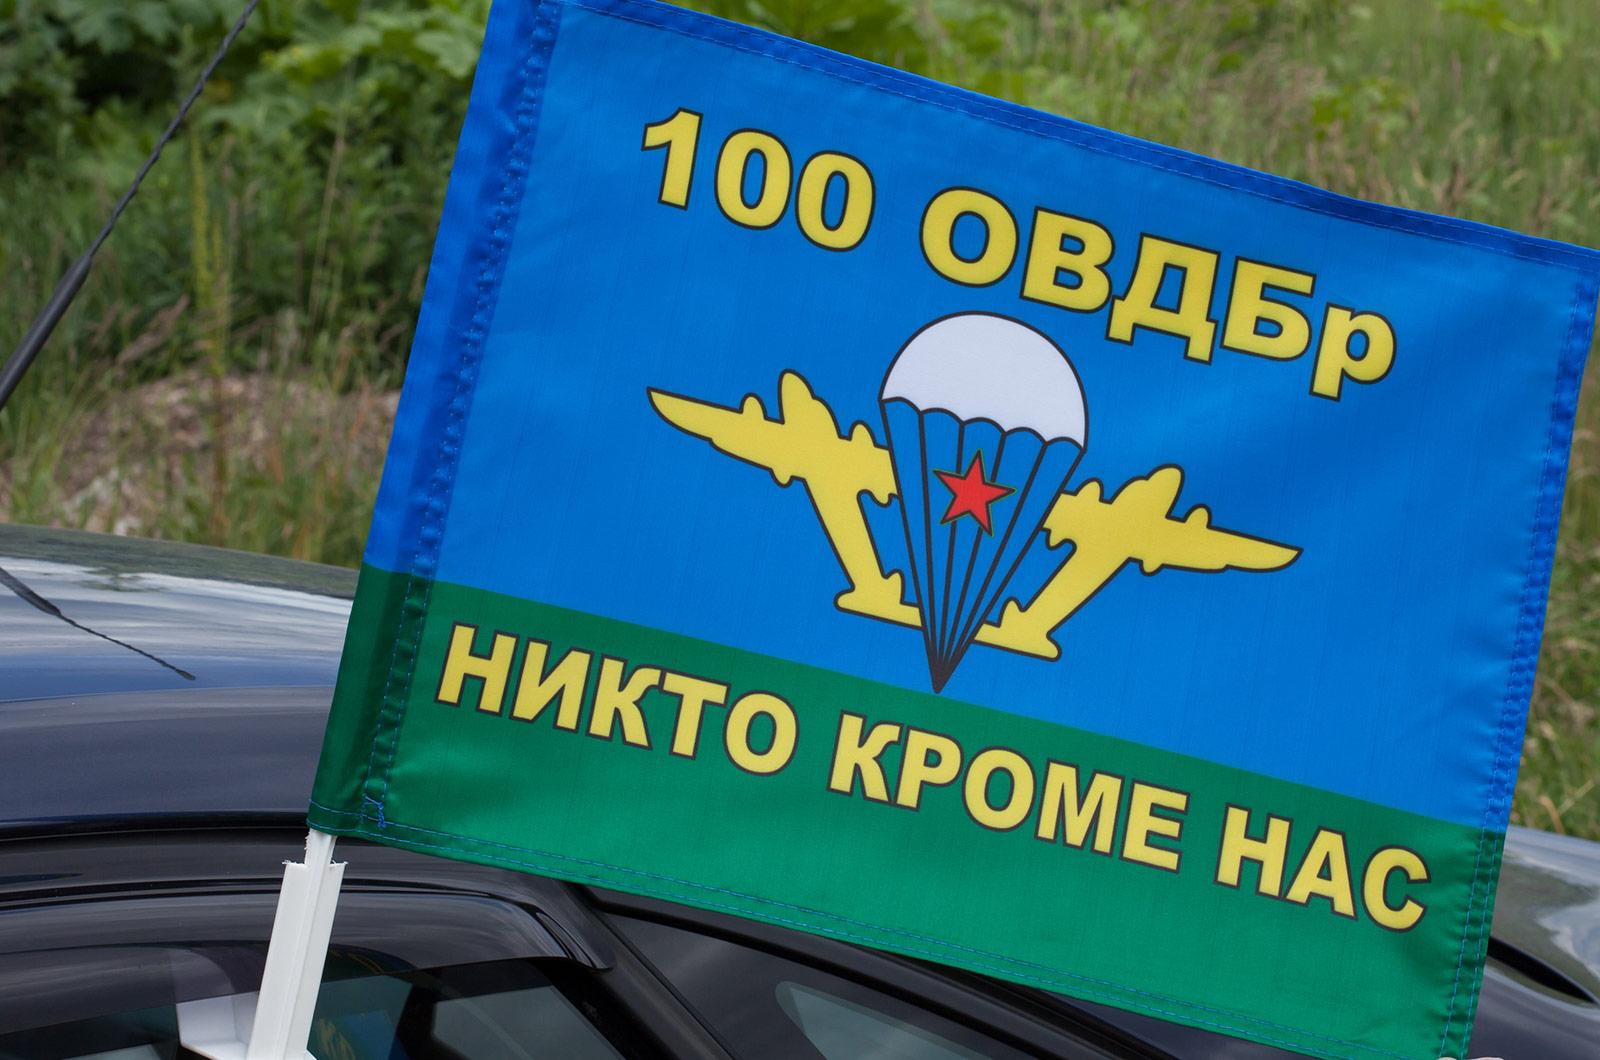 Купить флаг на машину с кронштейном 100 ОВДБр ВДВ